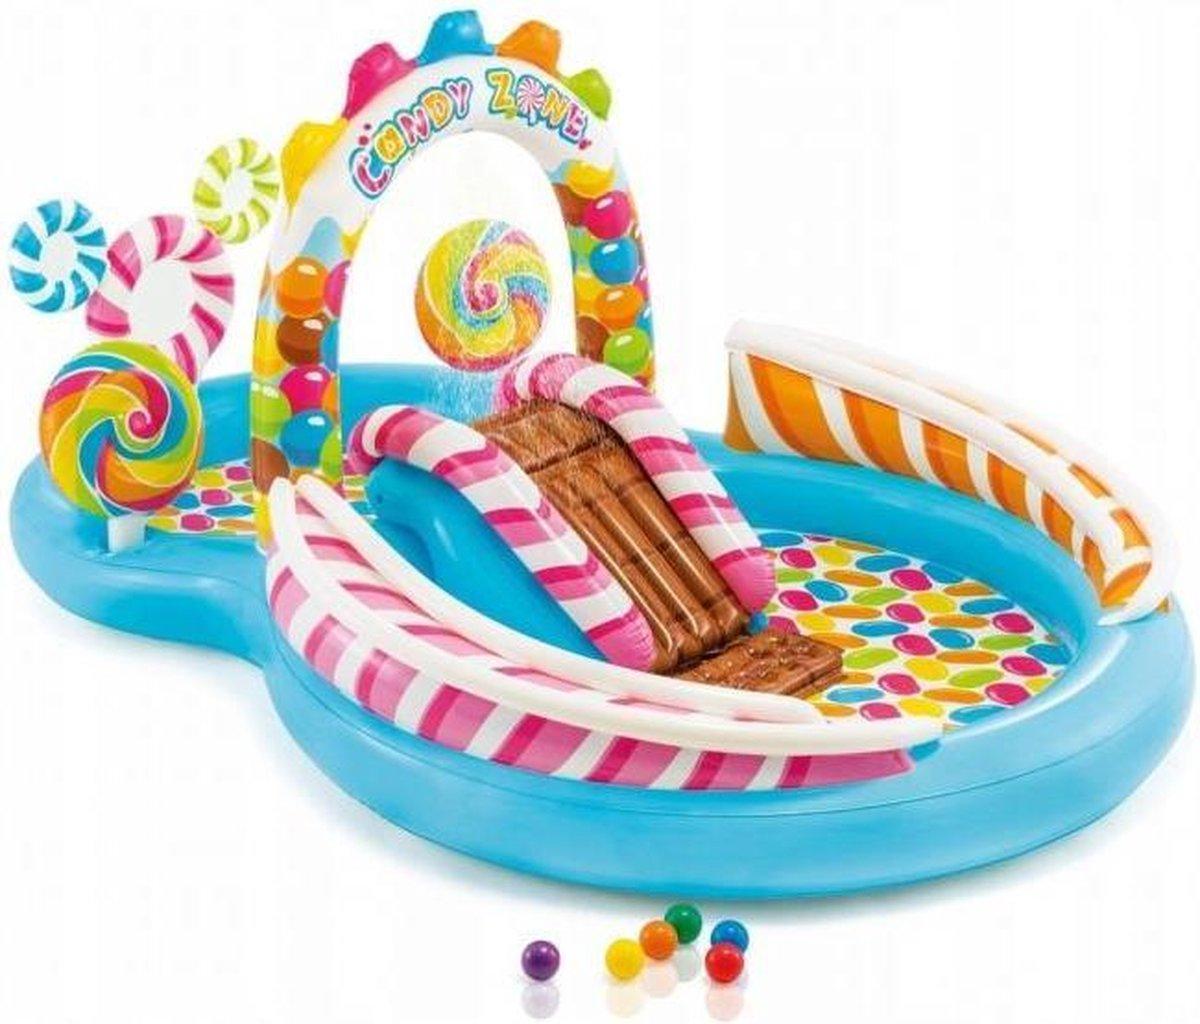 Opblaas peuter zwembad - snoep thema - met glijbaan